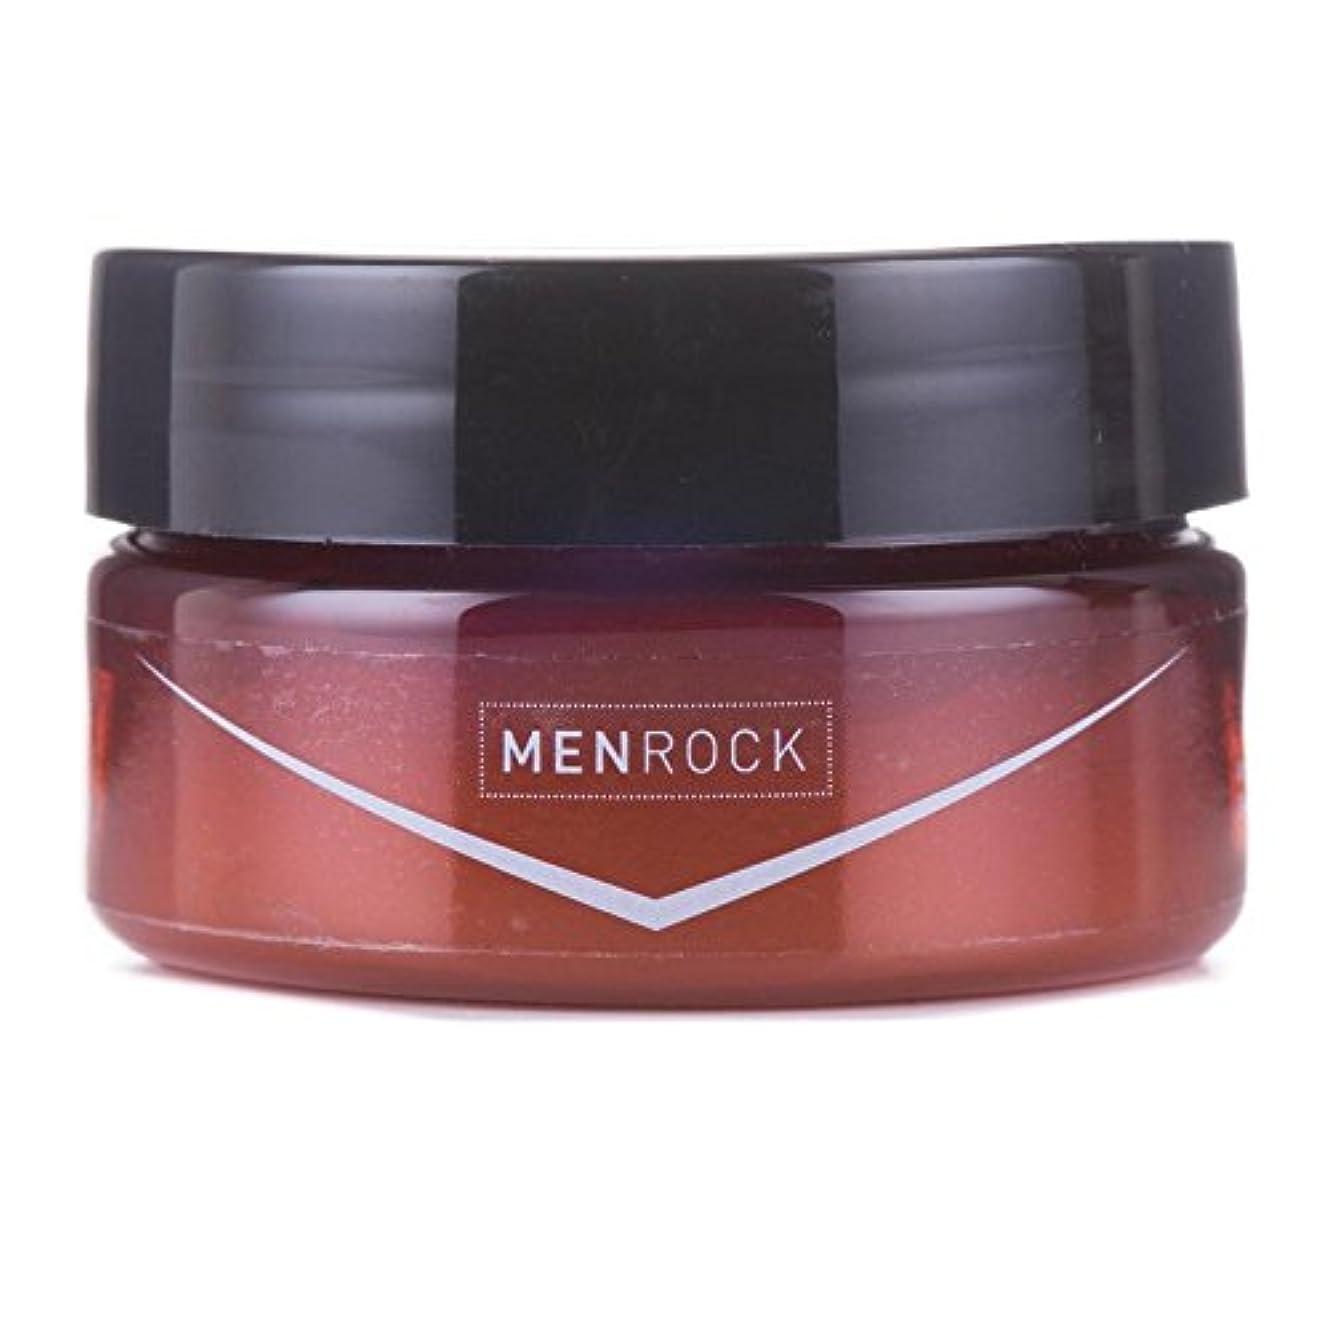 カプラー帝国ぴかぴかMen Rock Sandalwood Moustache Wax (Pack of 6) - 男性の岩白檀口ひげワックス x6 [並行輸入品]